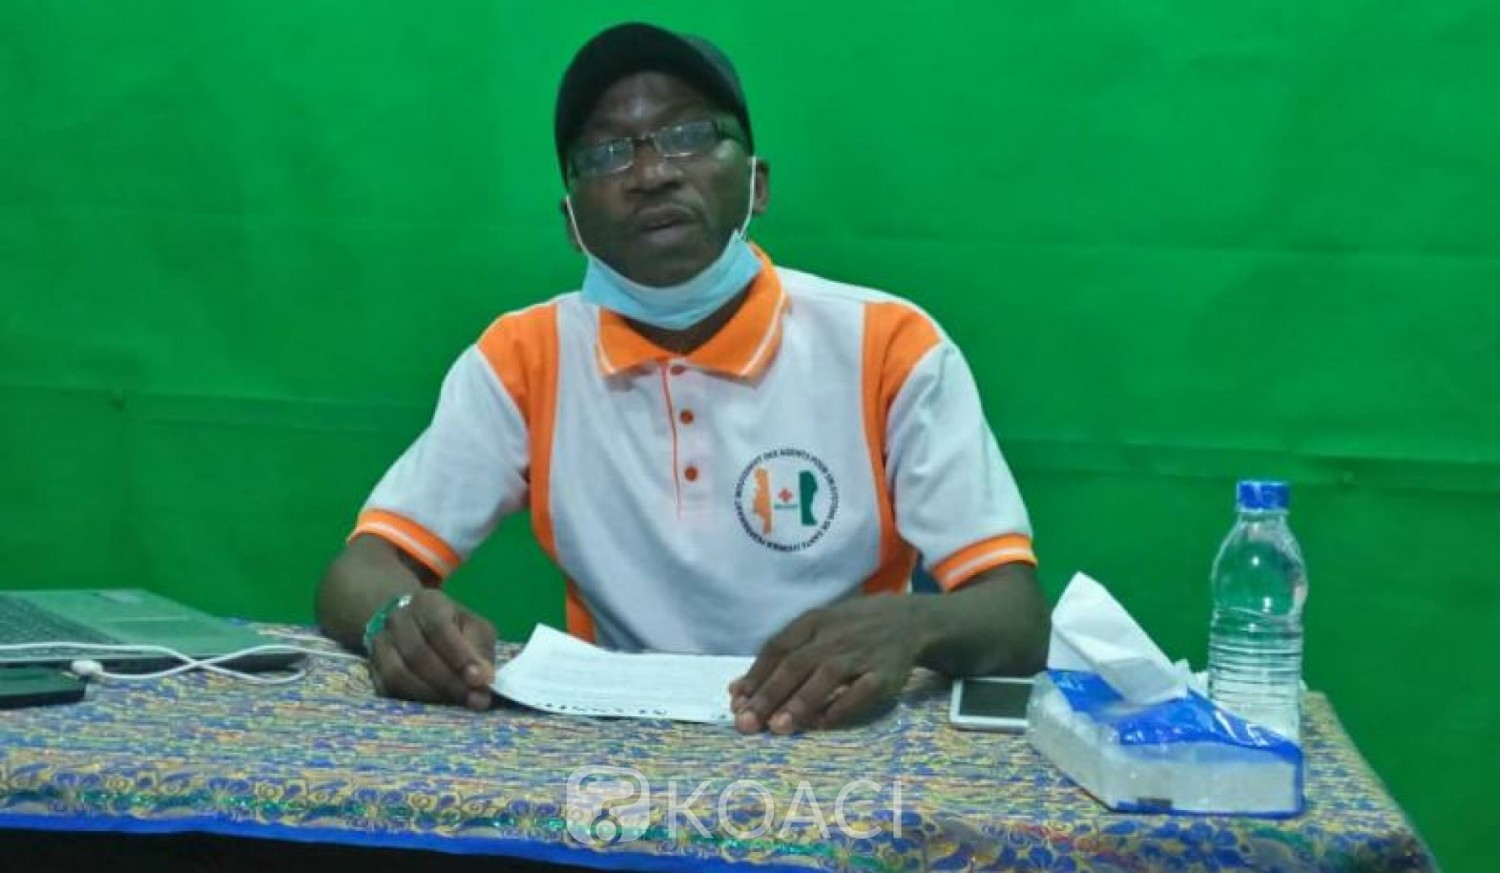 Côte d'Ivoire : Prime Covid-19, des agents de la santé «Nous n'accepterons pas une discrimination dans cette période difficile»